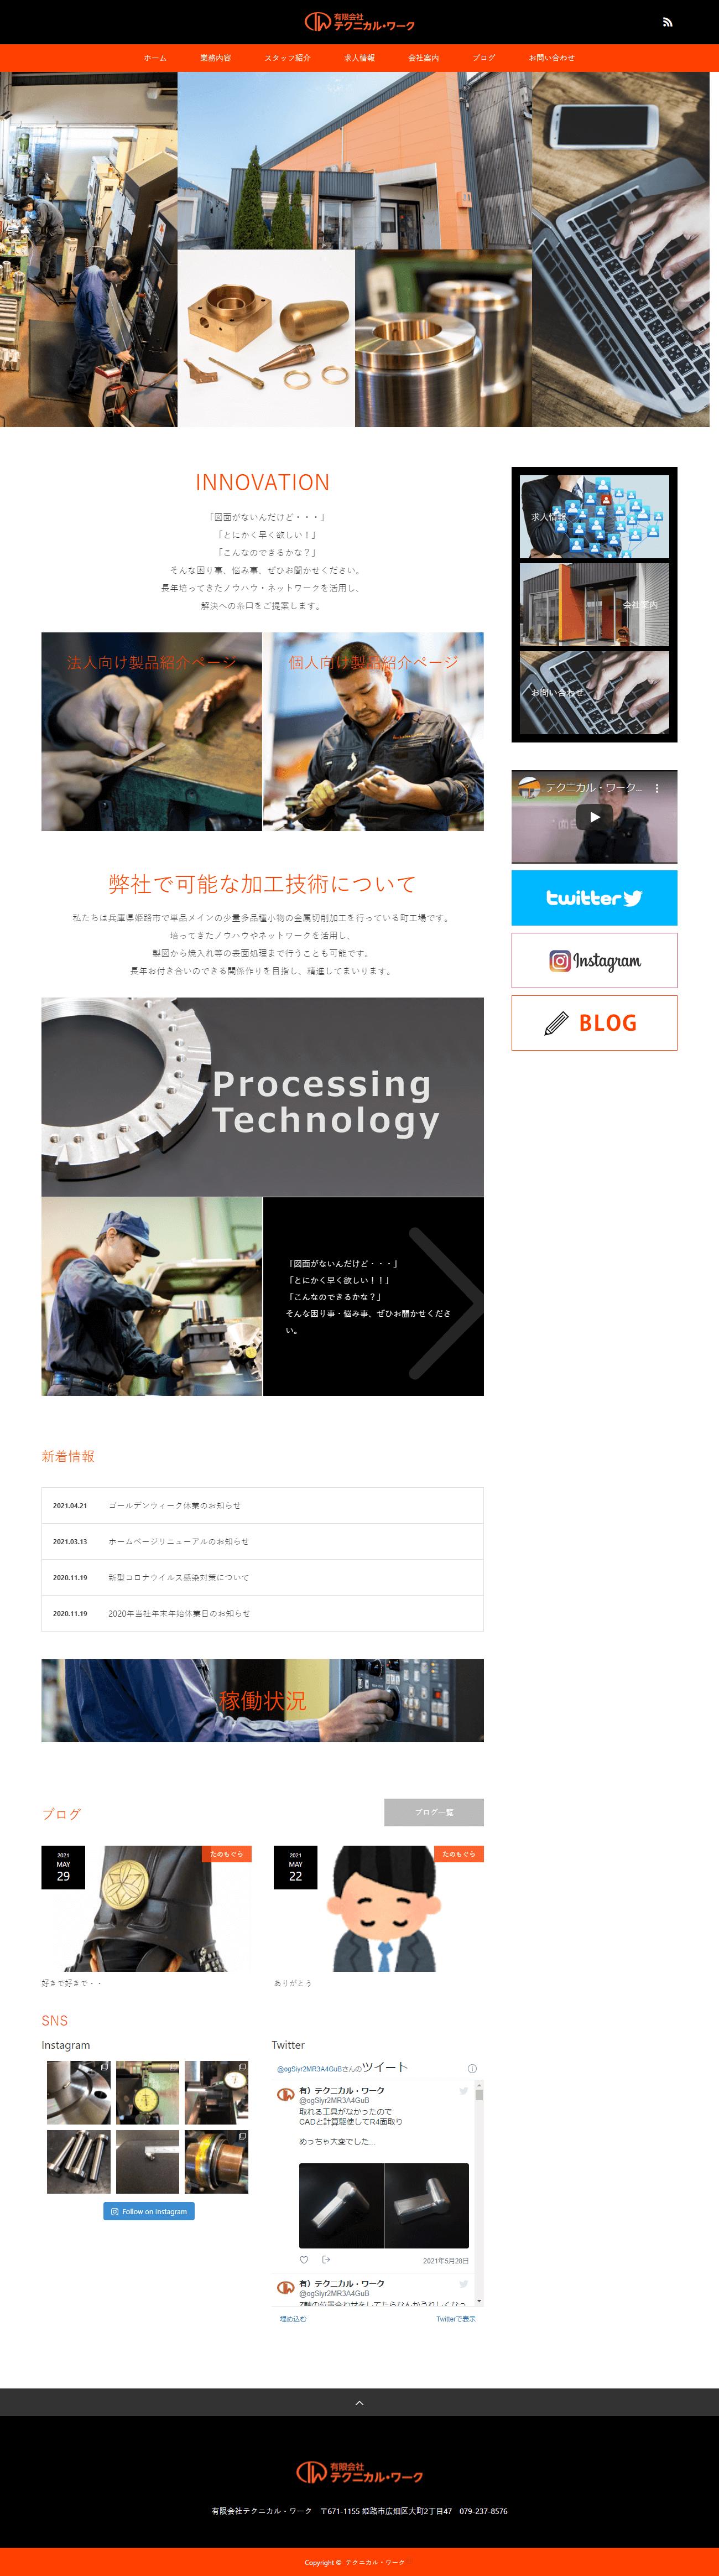 姫路市 有限会社テクニカル・ワーク ホームページ制作1